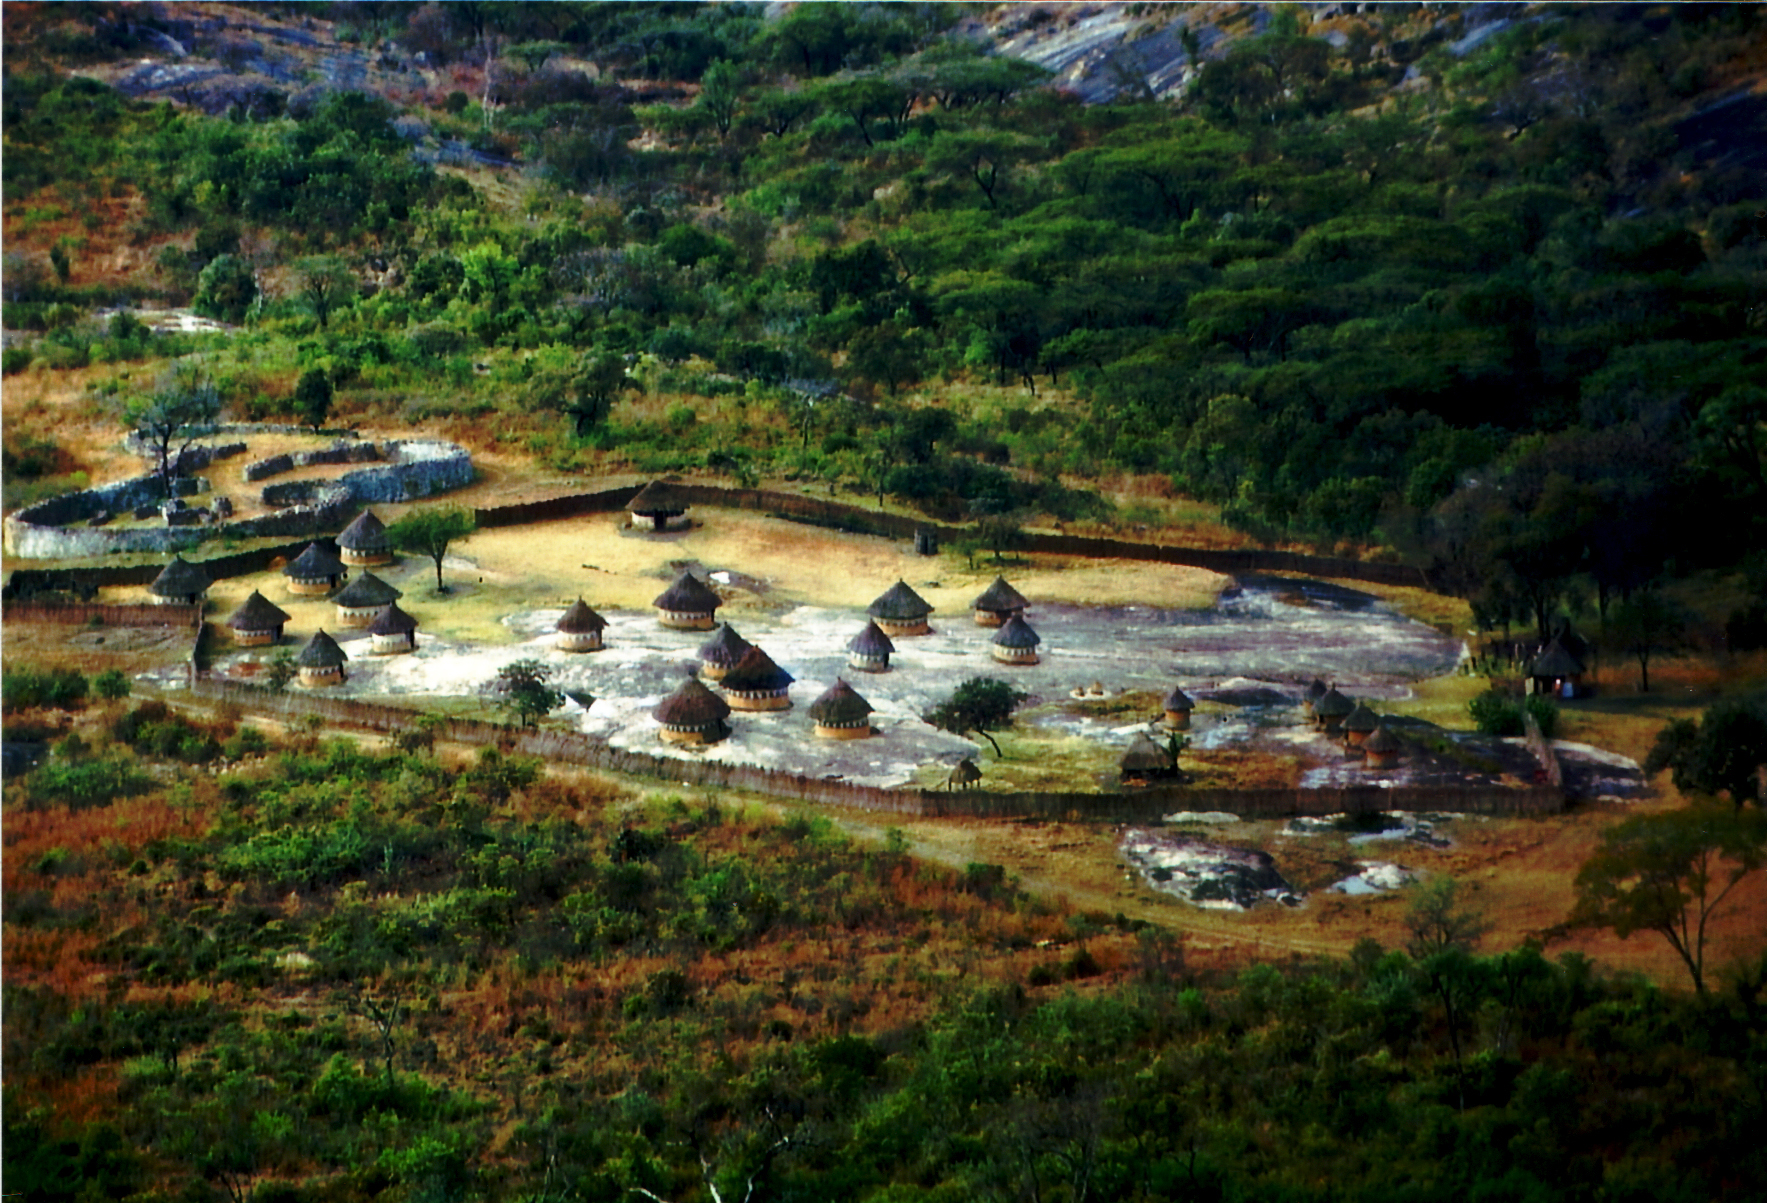 Grafik eines große mit einer Pallisade umgebenen Dorfes mit runden lehmhäusern.